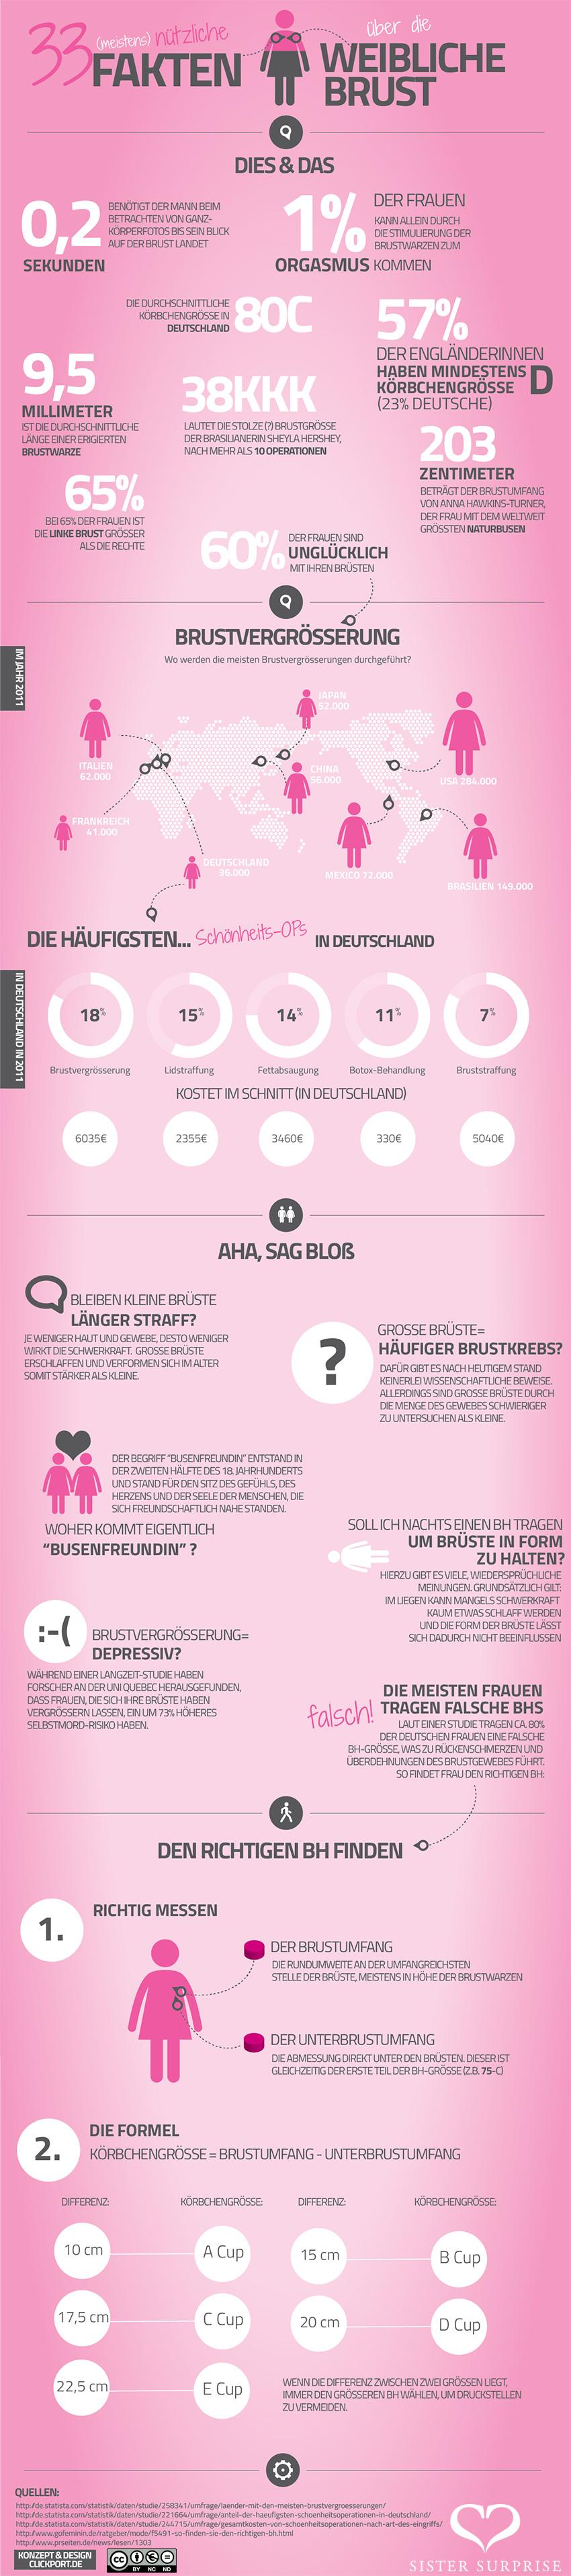 Infografik - 33 (meistens) nützliche Fakten über die weibliche Brust